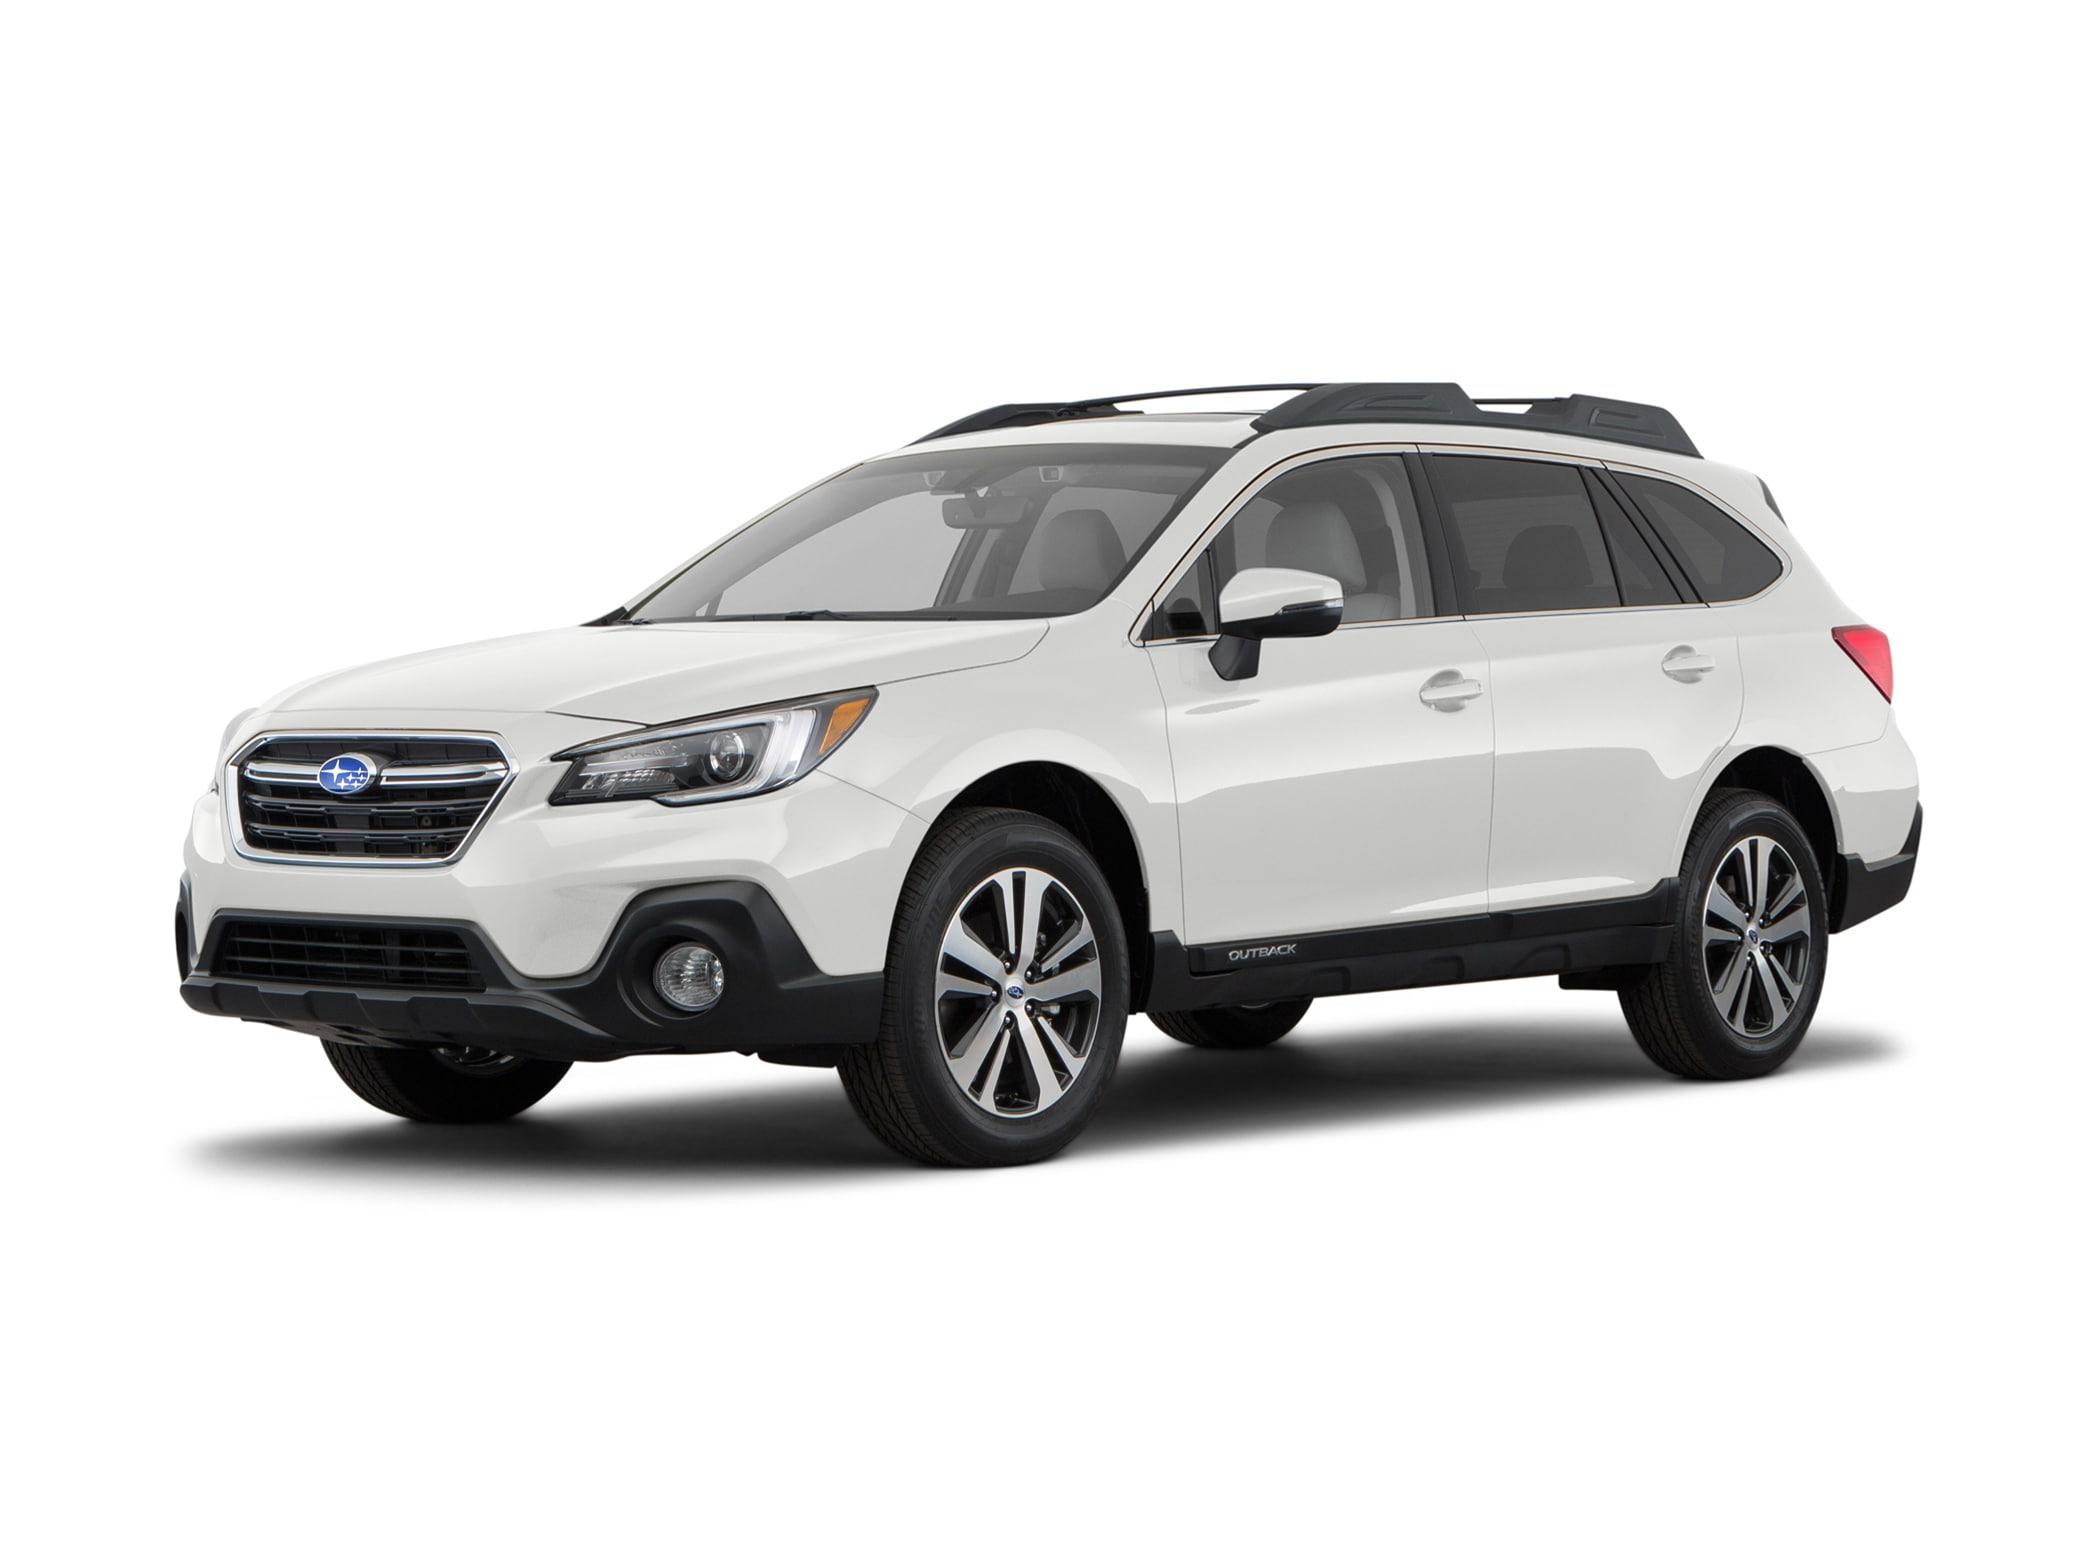 New 2019 Subaru Outback For Sale | Commerce Township MI | VIN:  4S4BSANC6K3395326